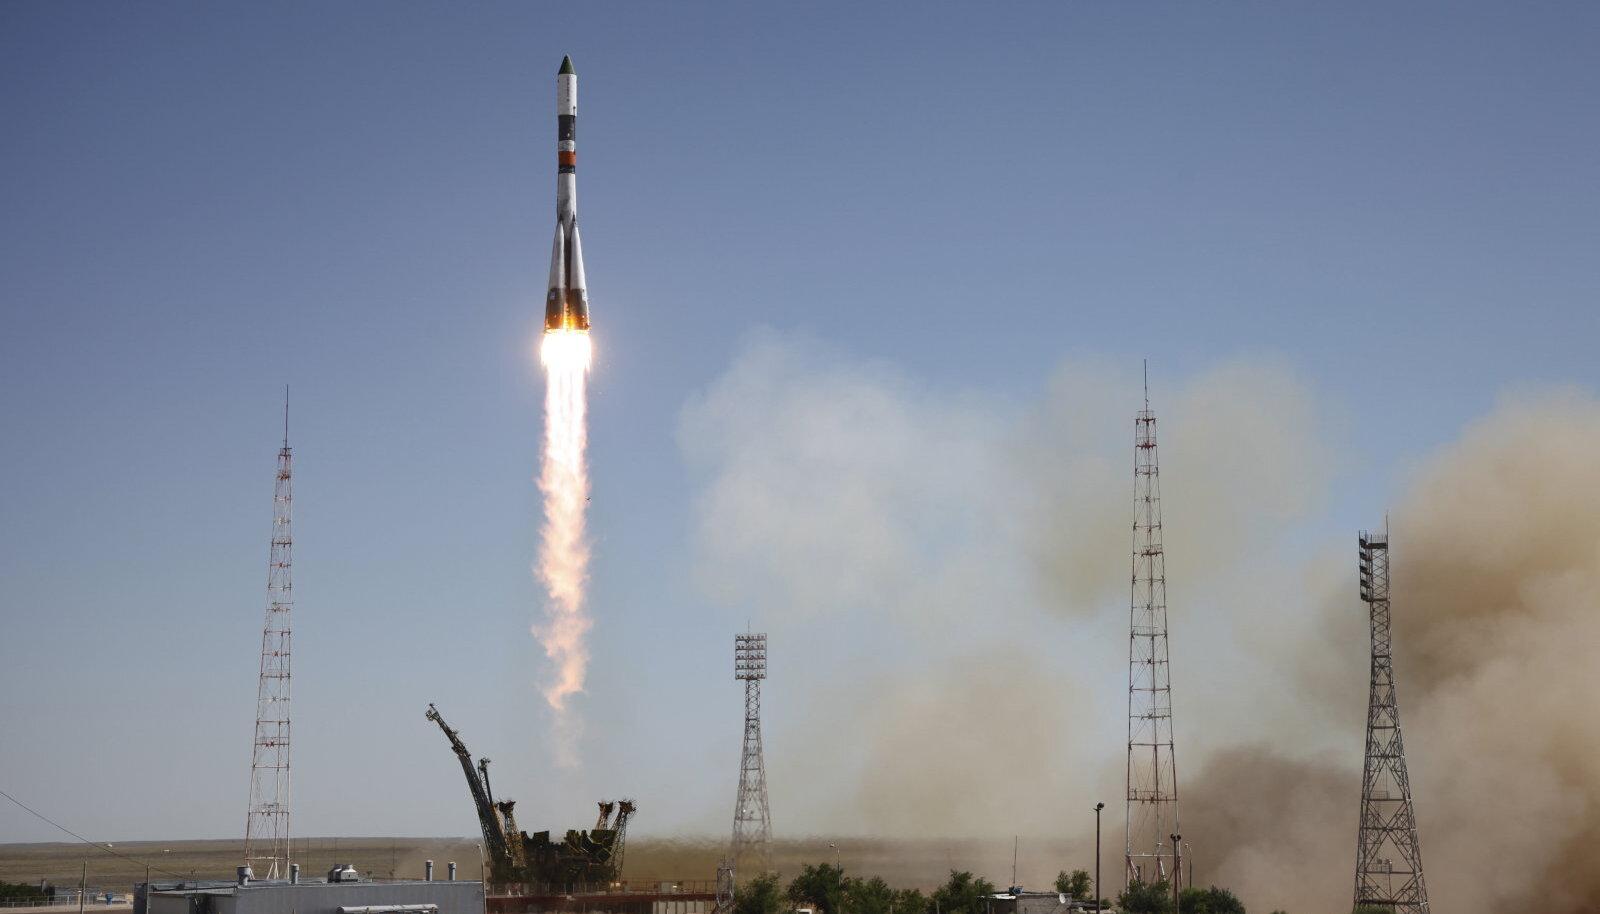 Progress tüüpi kosmoselaev toimetab ISS-i kaupa iga paari kuu tagant